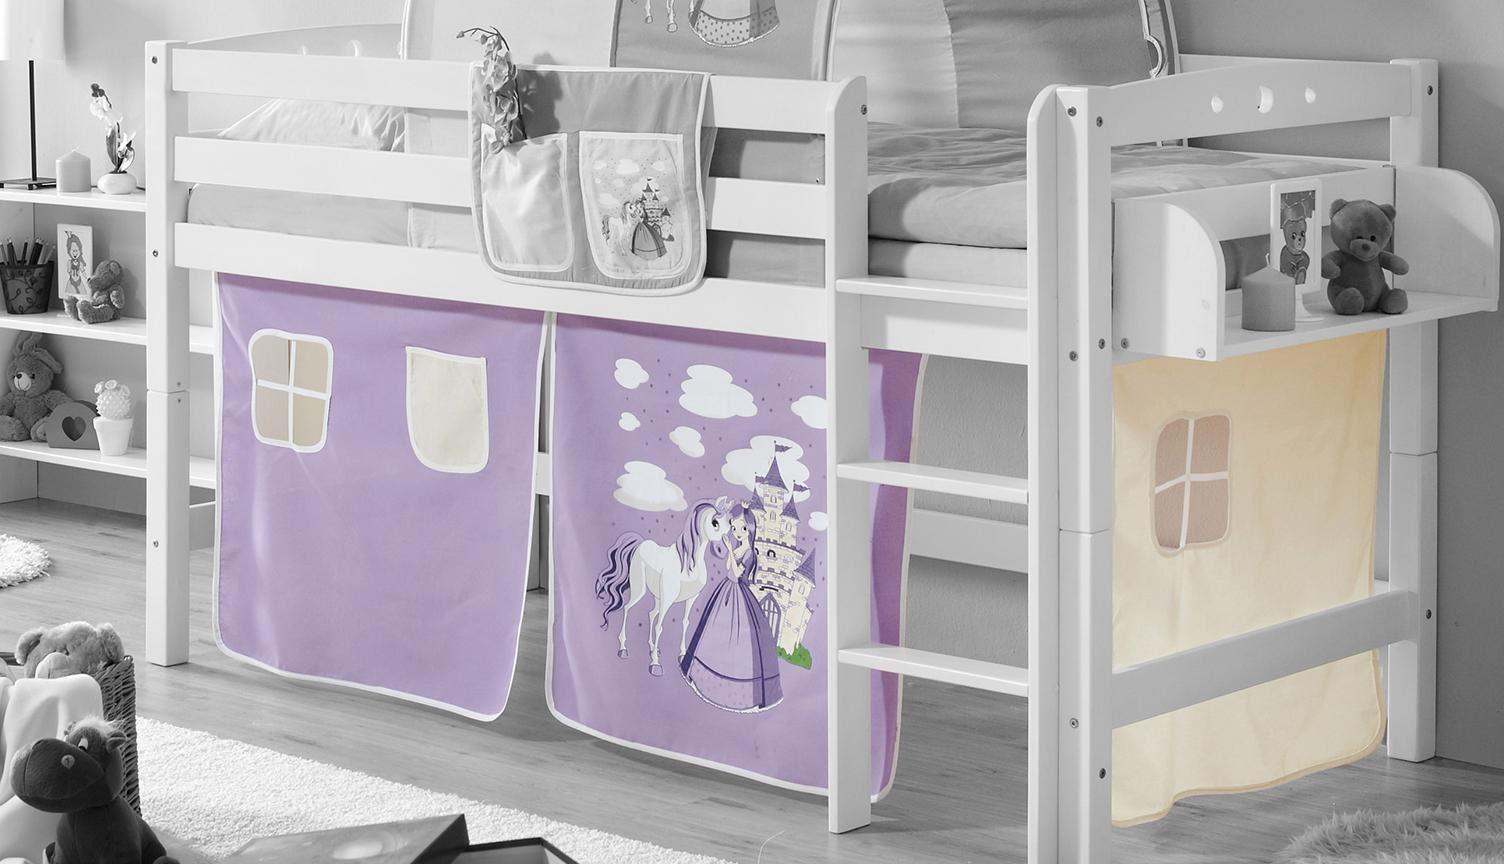 Vorhang Für Etagenbett : Vorhang tlg astronaut für spielbett hochbett etagenbett fun möbel